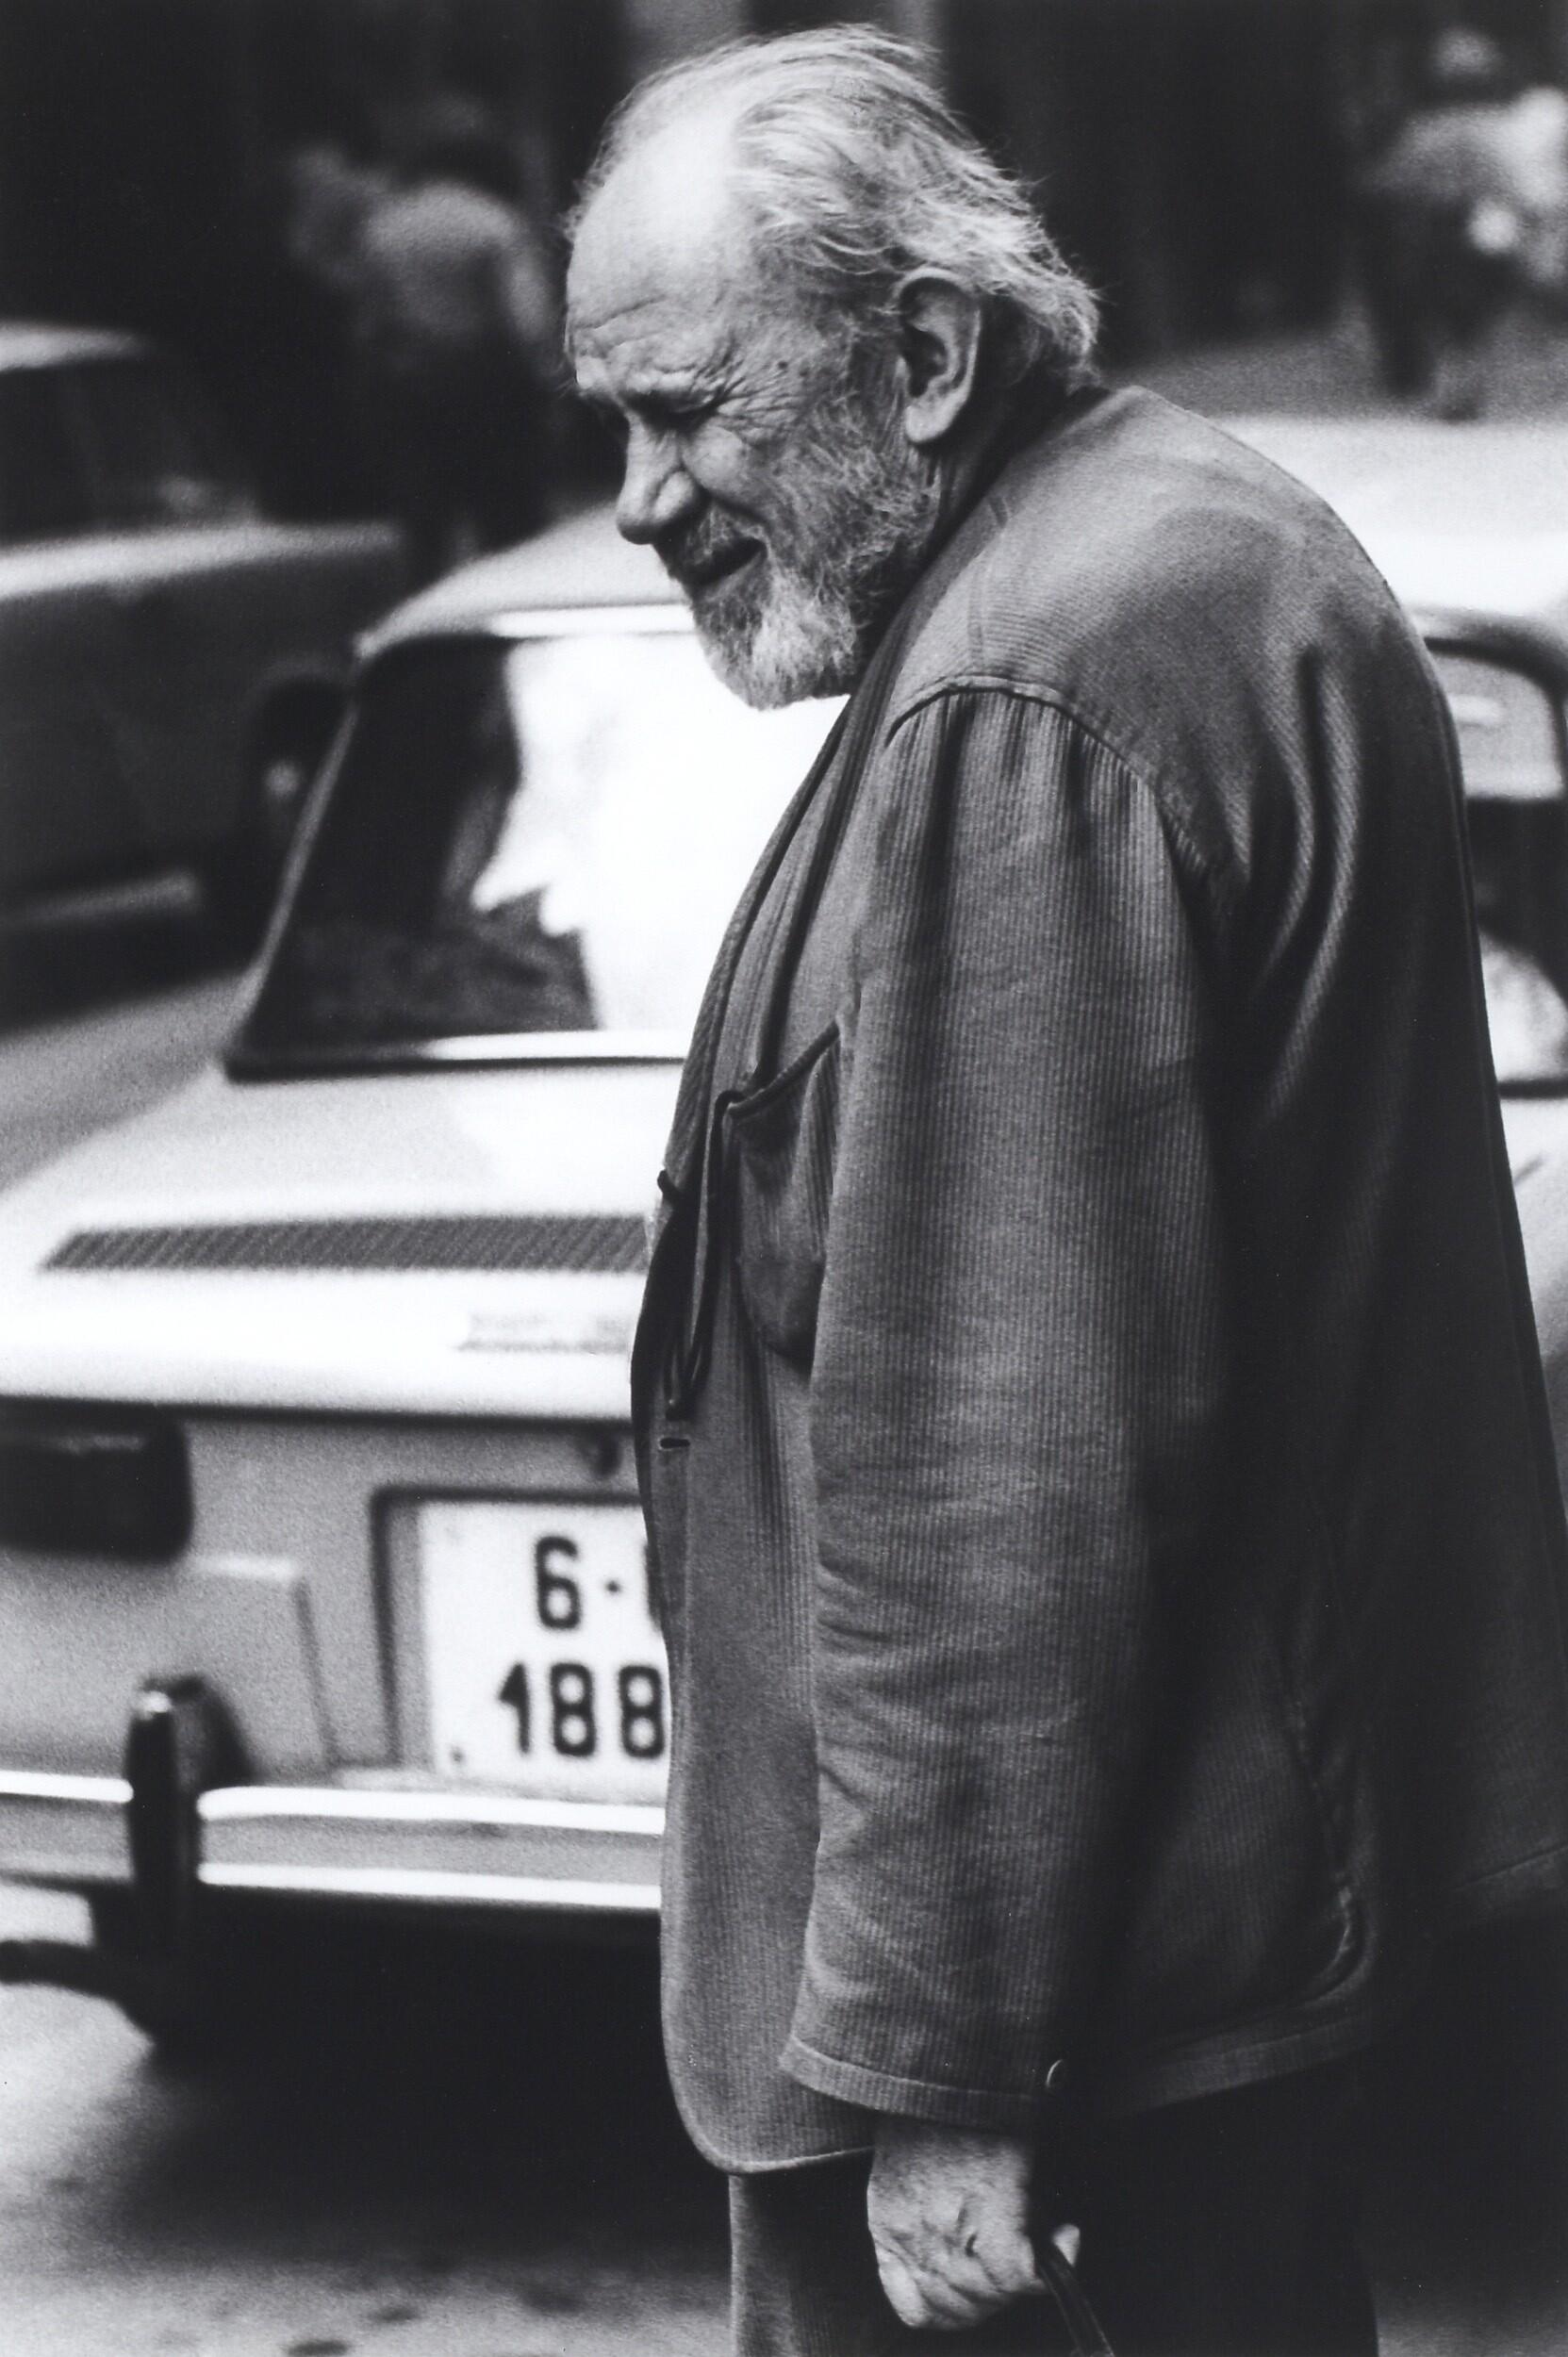 Йозеф Судек, 1972. Фотограф Франтишек Досталь